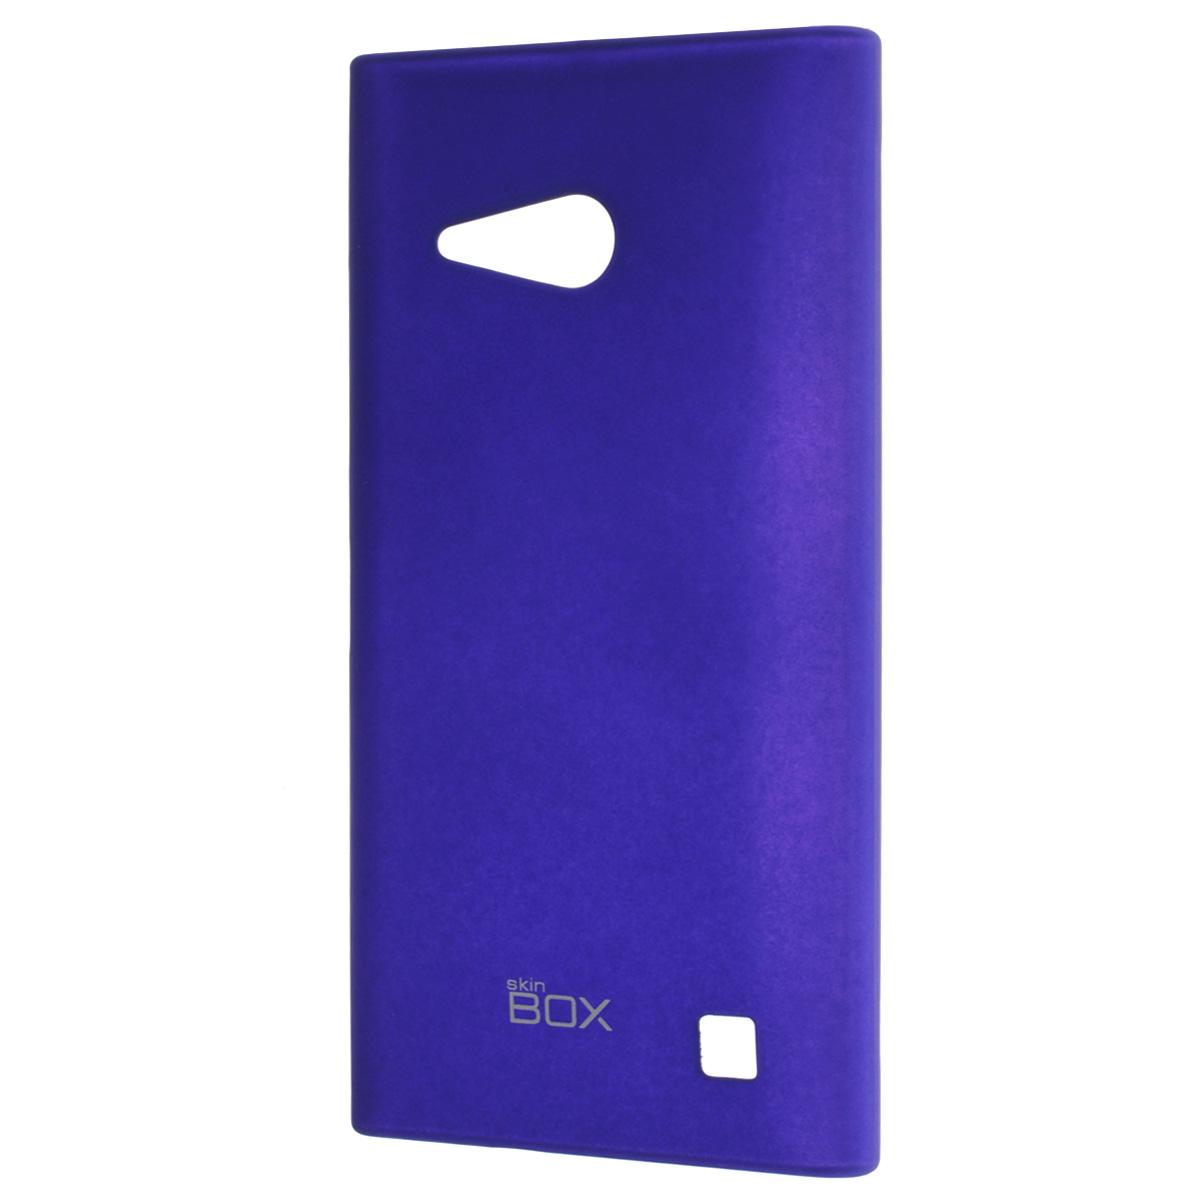 Skinbox Shield 4People чехол для Nokia Lumia 730/735, BlueT-S-NL730-002Чехол Skinbox Shield 4People для Nokia Lumia 730/735 предназначен для защиты корпуса смартфона от механических повреждений и царапин в процессе эксплуатации. Имеется свободный доступ ко всем разъемам и кнопкам устройства. В комплект также входит защитная пленка на экран телефона.